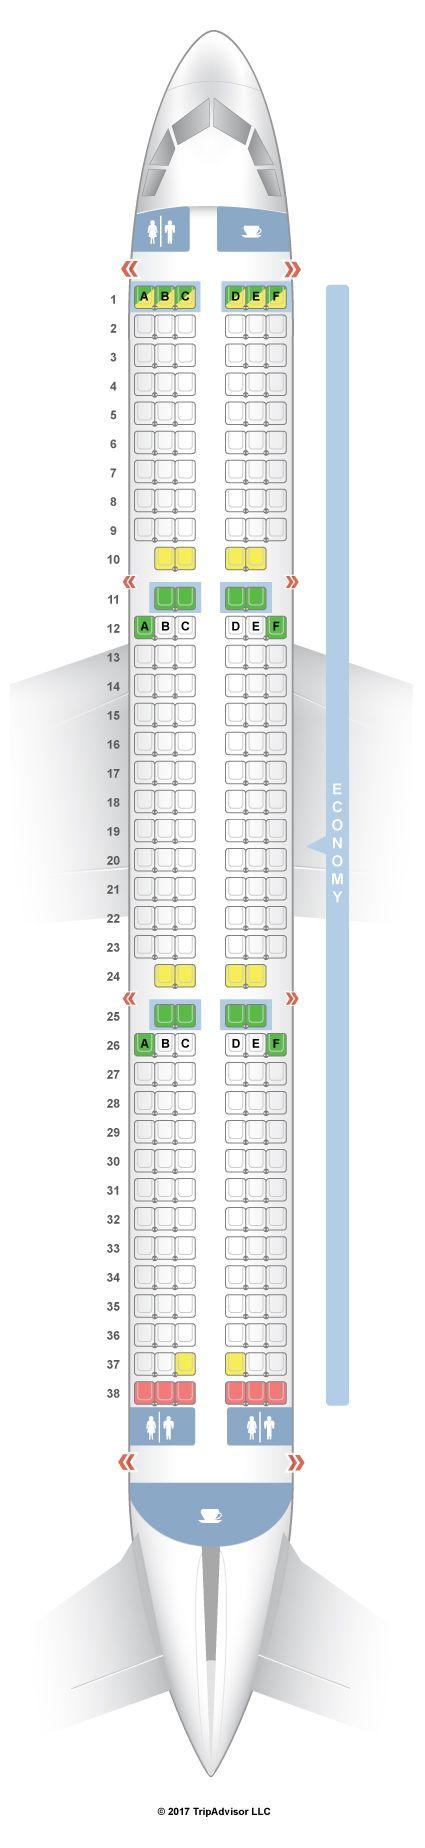 SeatGuru Seat Map WOW air Airbus A321 (321) V2 - SeatGuru